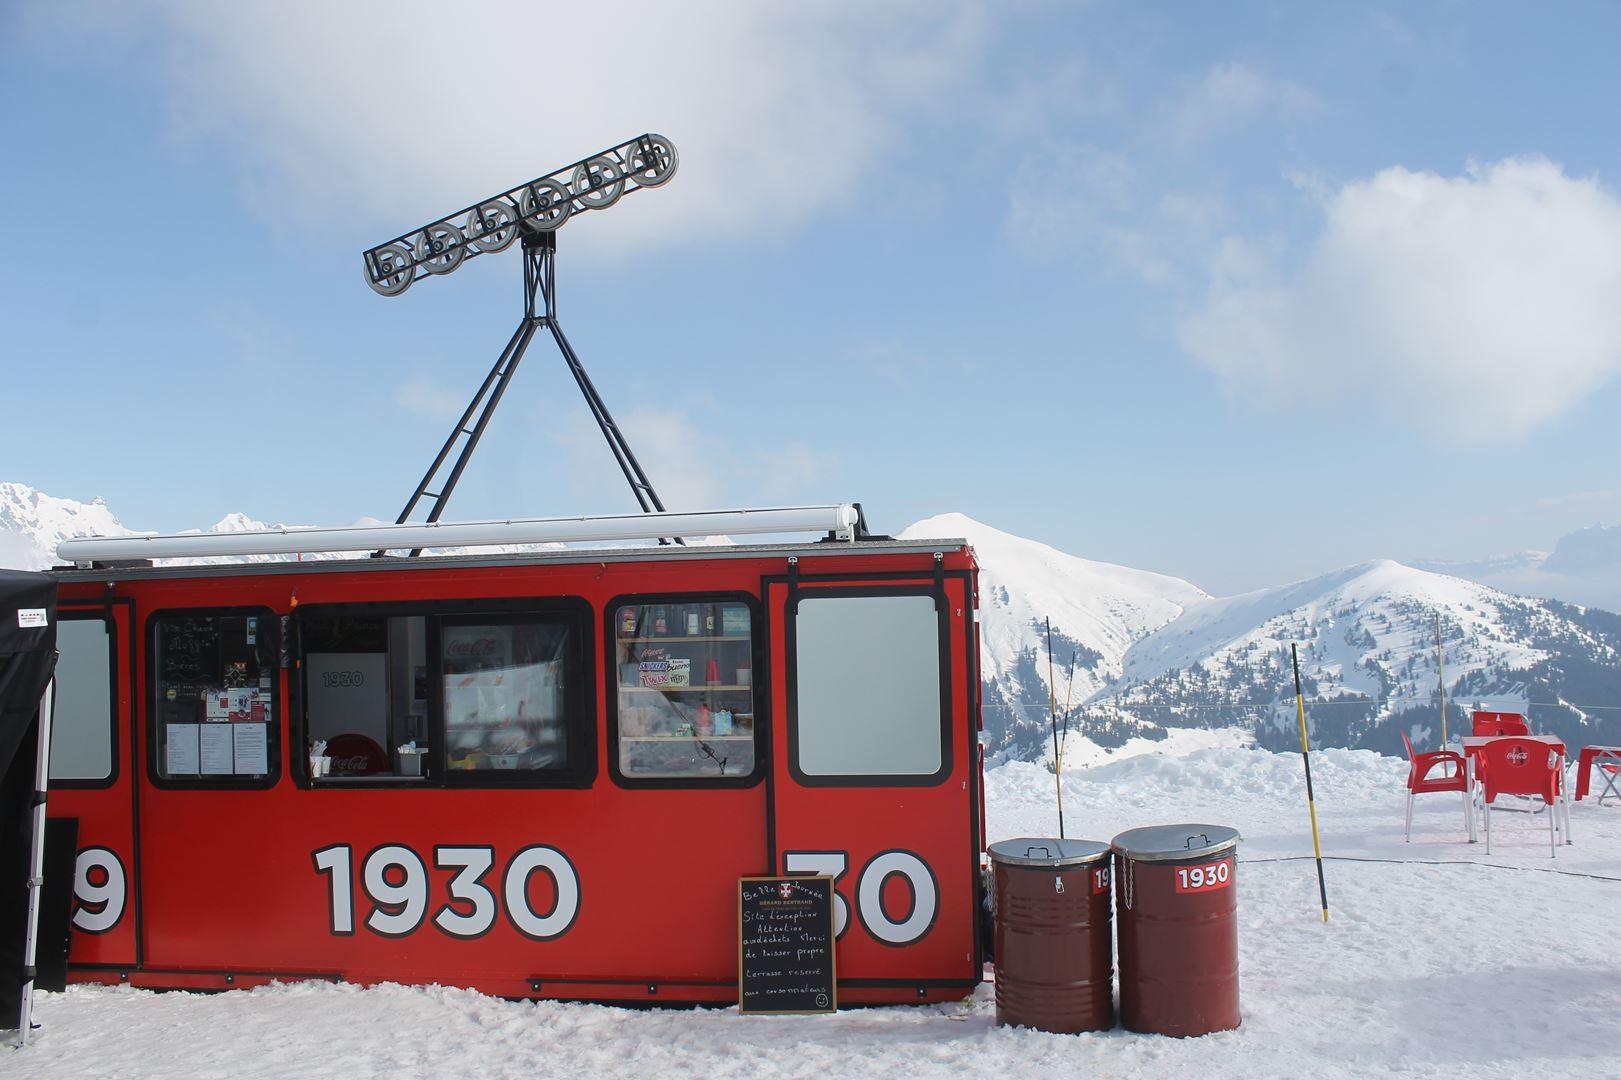 cabine souvenir au sommet 1 - RESULTATS PHOTOS ET COMPTE RENDU DU 9EME ARAVIS SNOW TRAIL (La Giettaz73) 25-03-2018